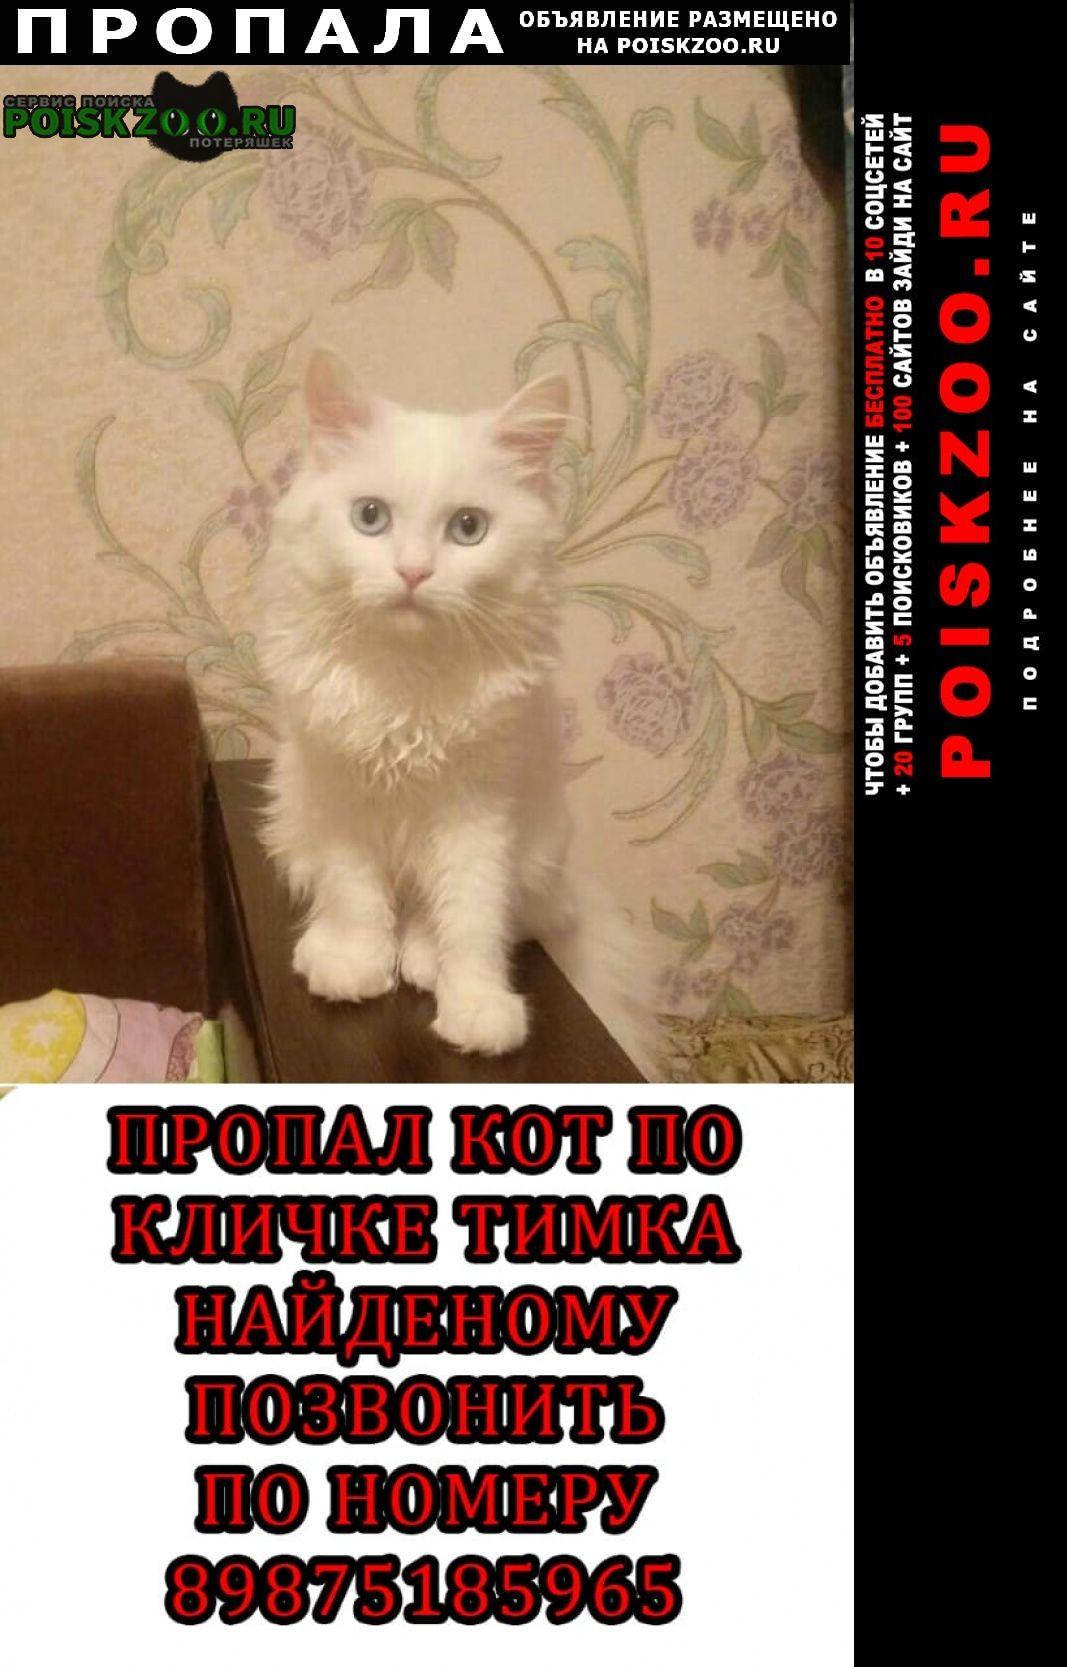 Пропал кот белый тим Пенза